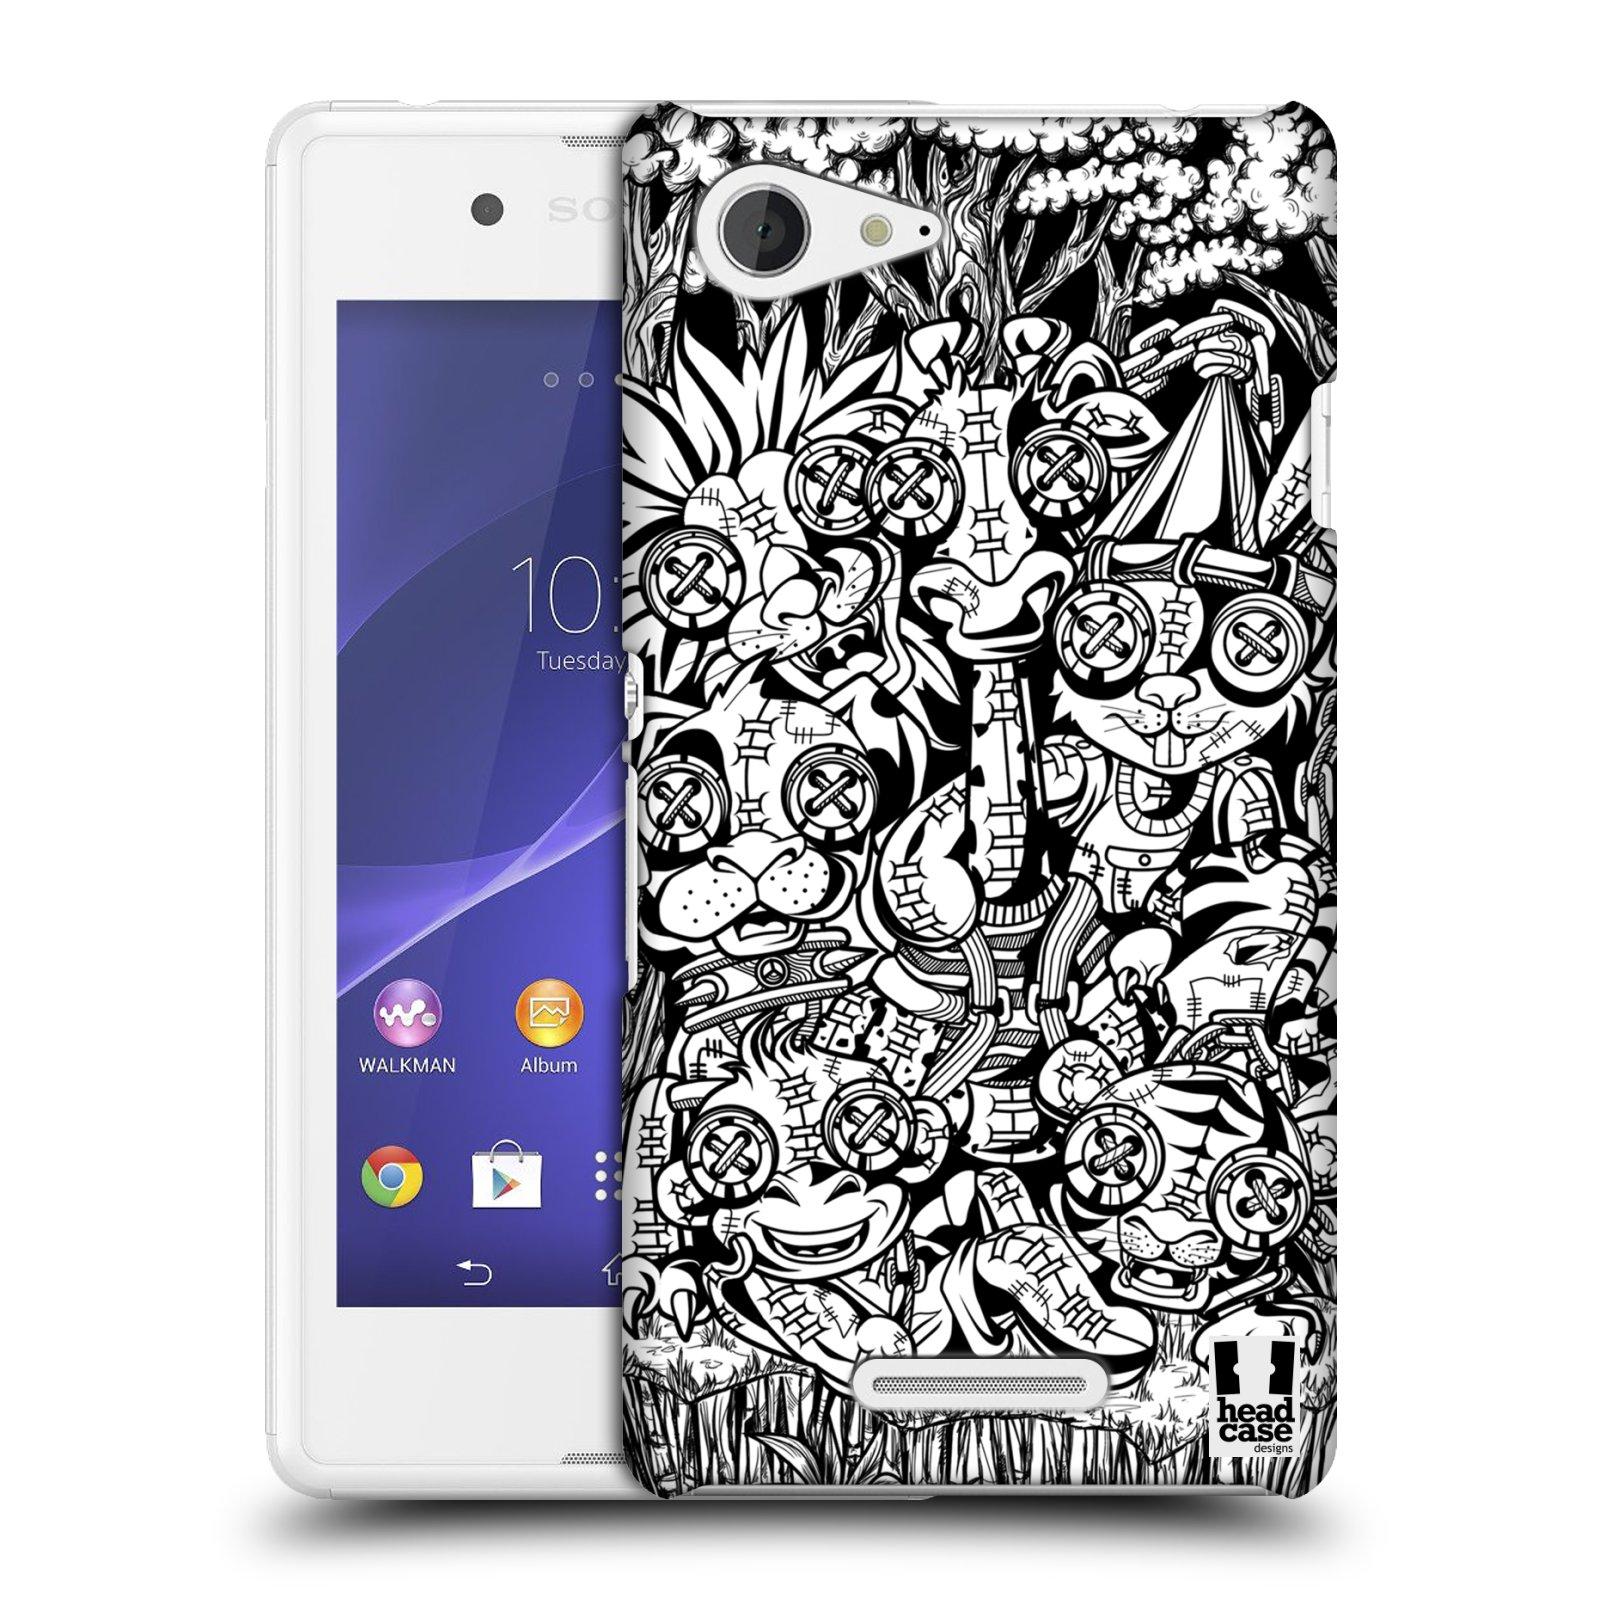 Plastové pouzdro na mobil Sony Xperia E3 D2203 HEAD CASE VOODOO ZVÍŘÁTKA (Kryt či obal na mobilní telefon Sony Xperia E3 a E3 Dual )